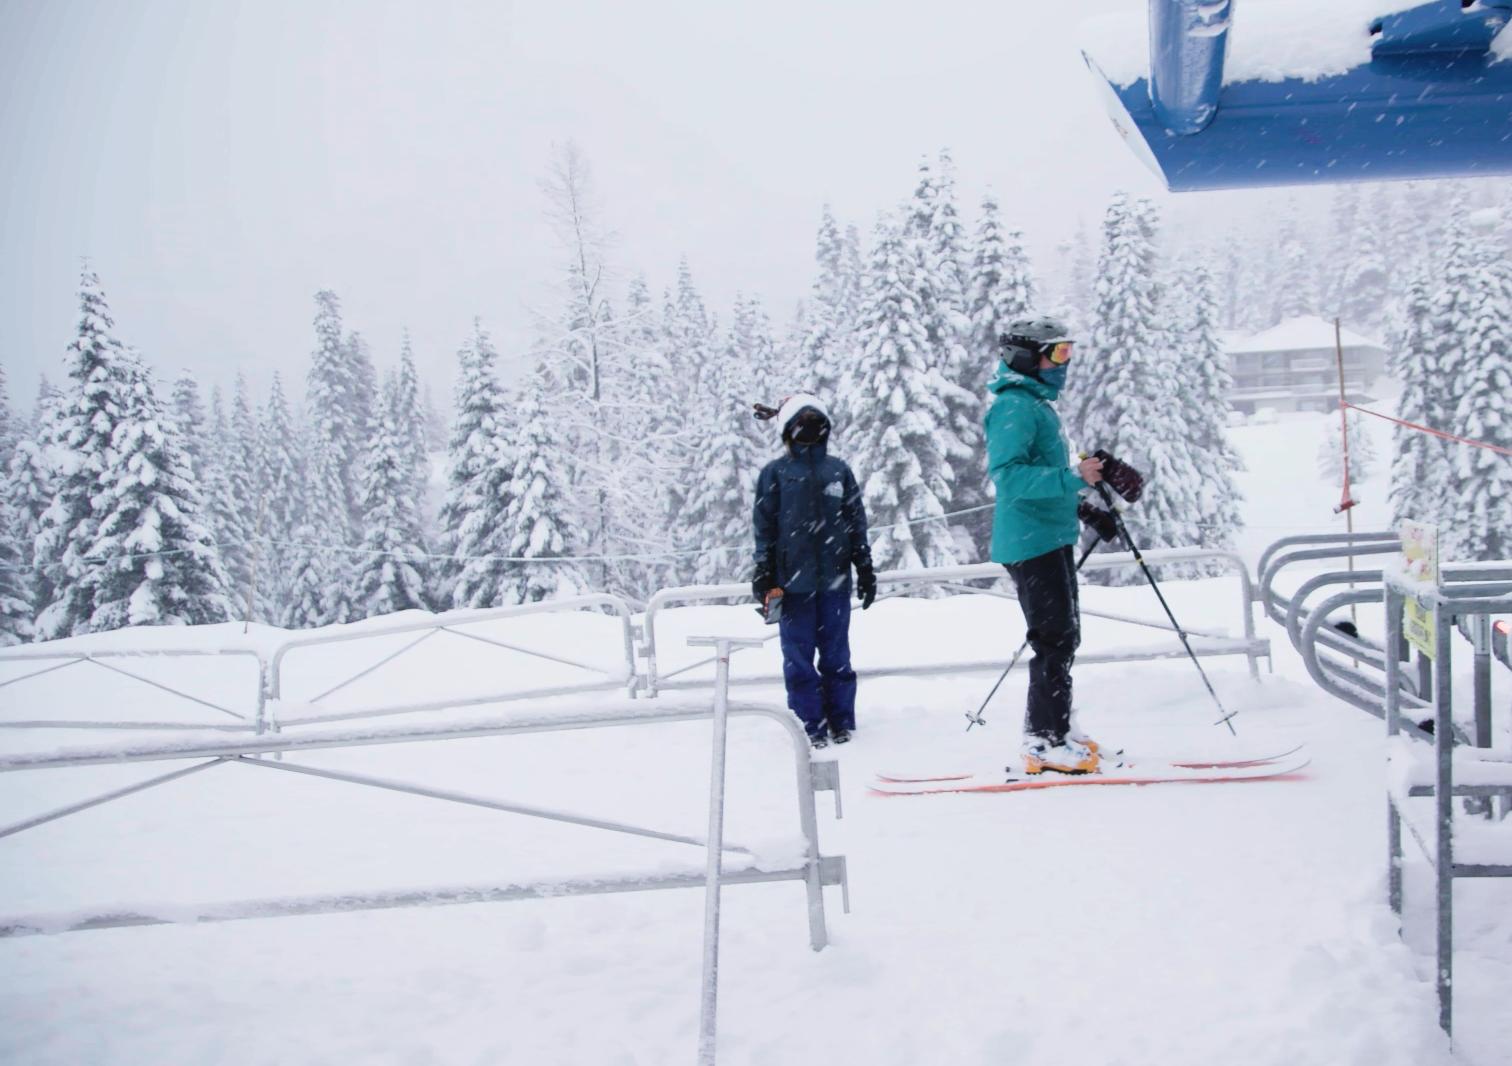 No lift lines at the yeti cruiser, Sasquatch Mountain Resort